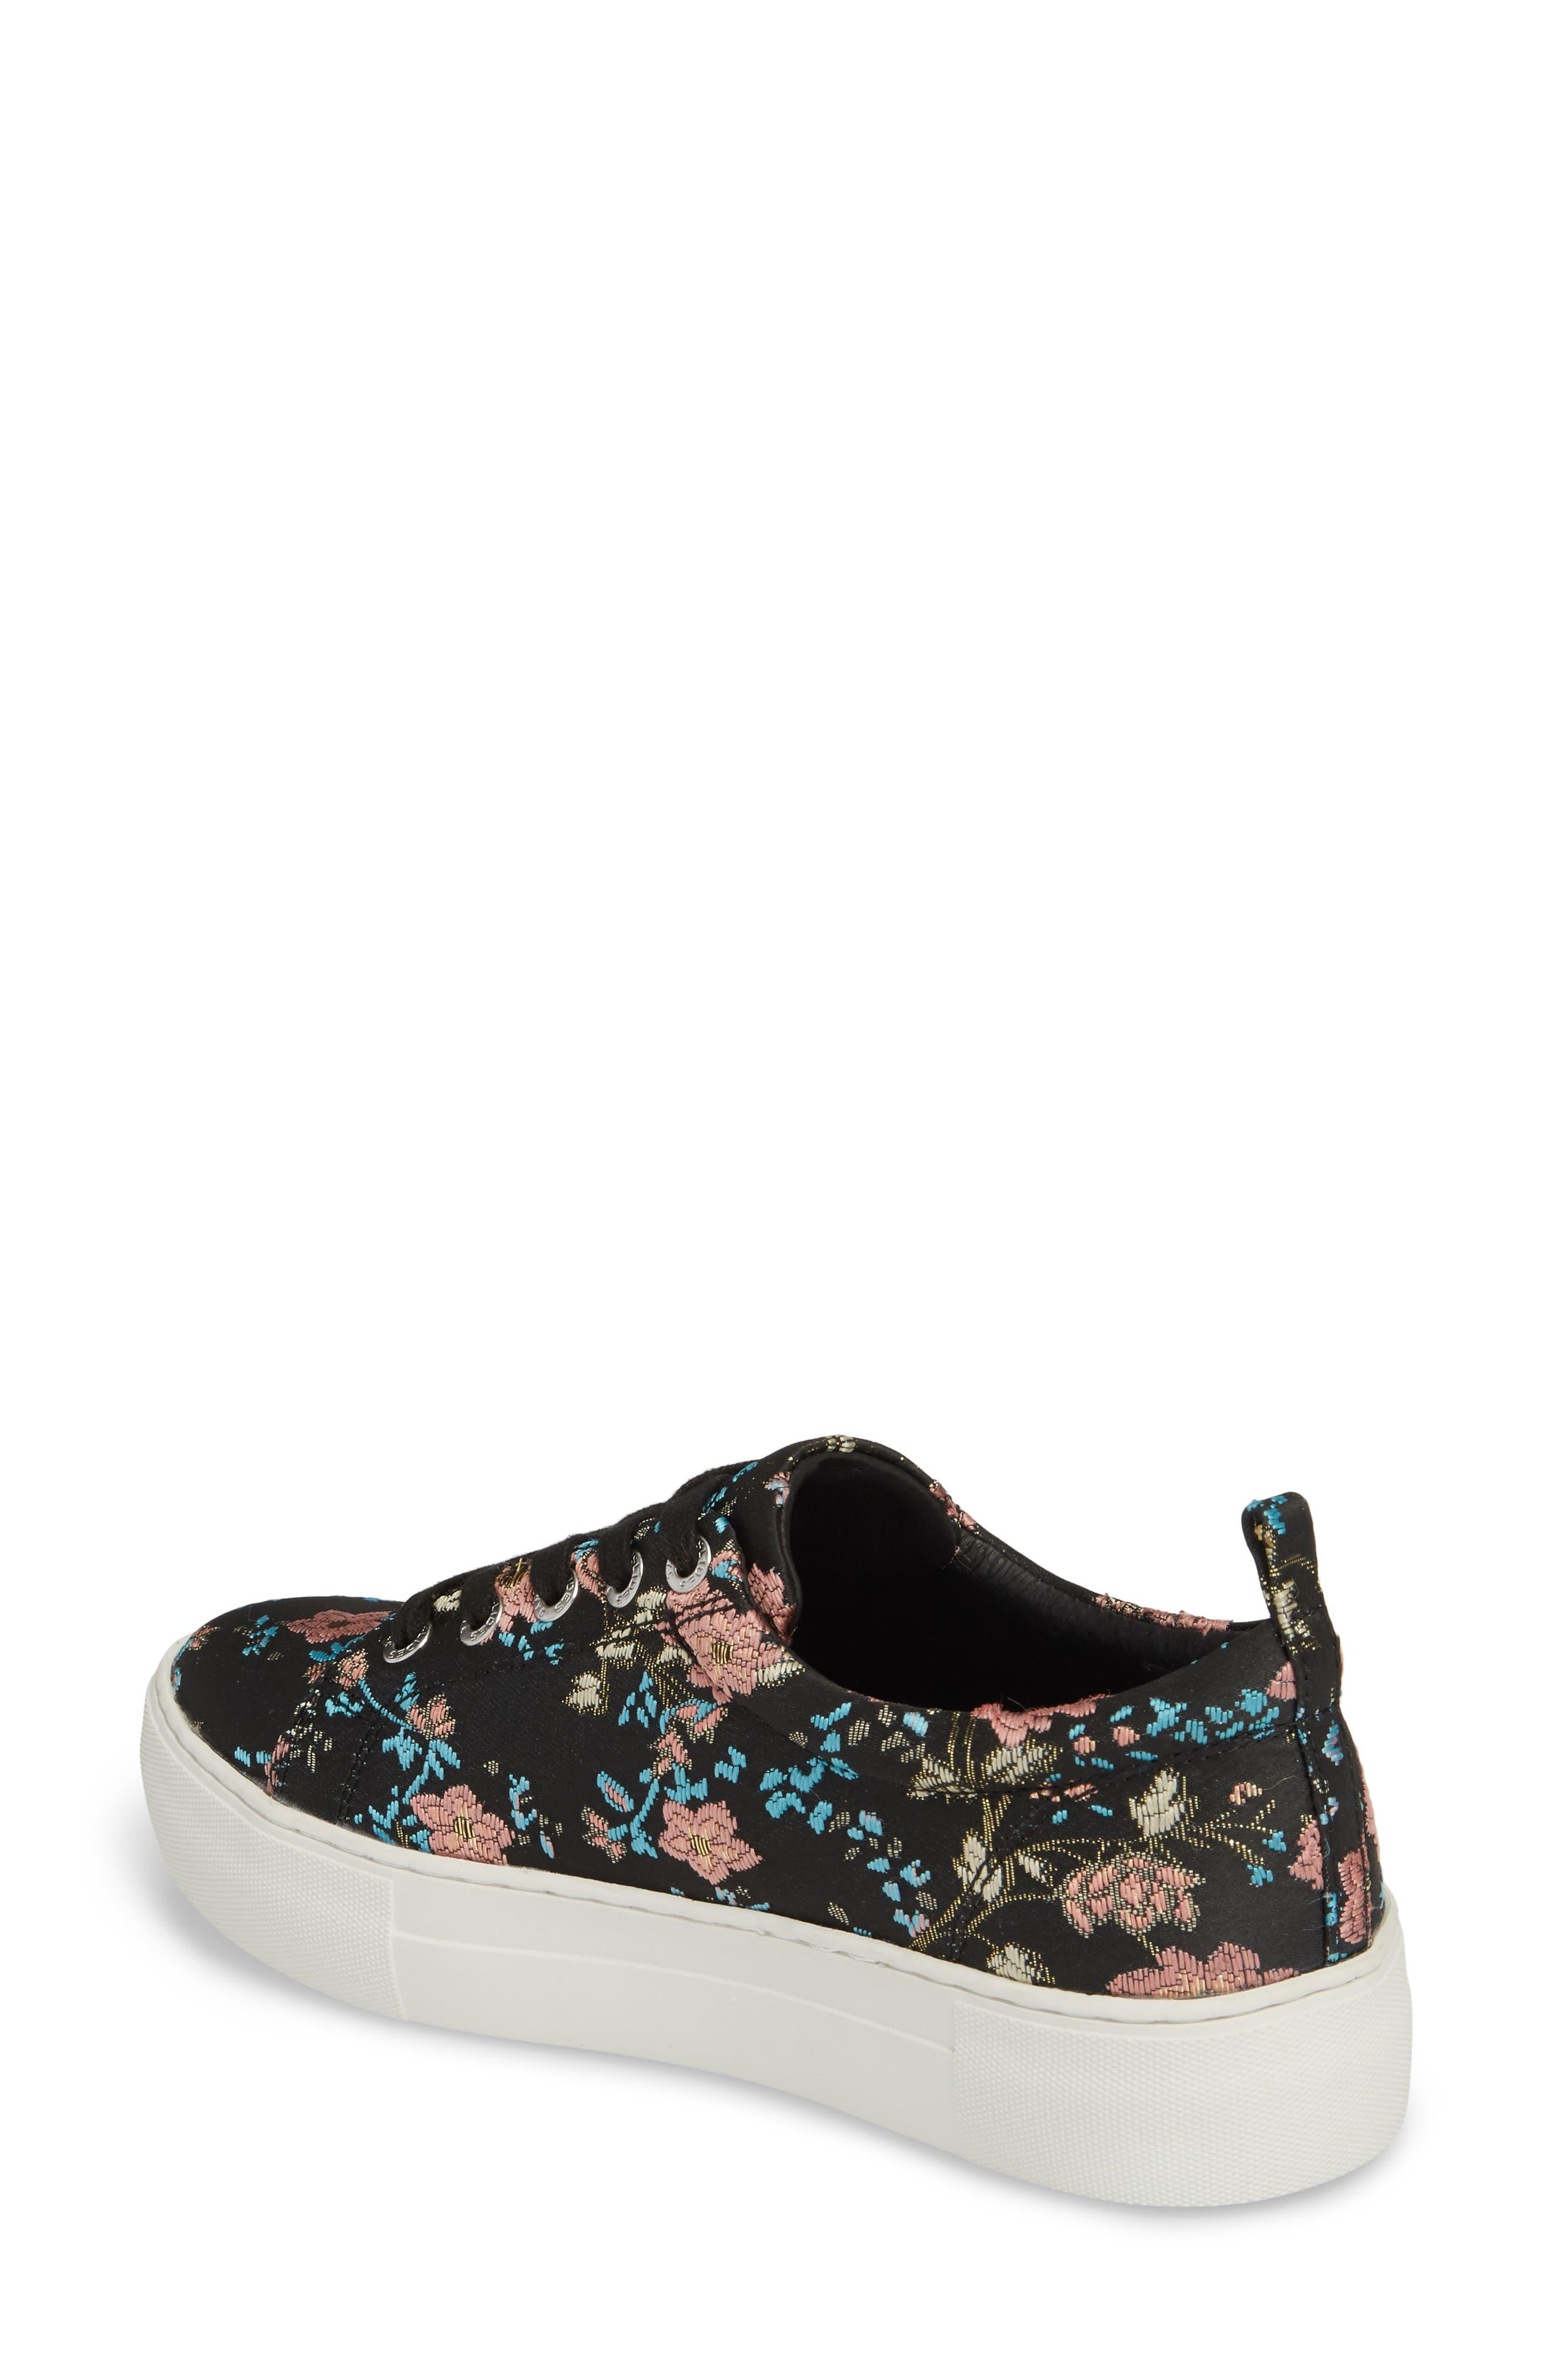 Alternate Image 2  - JSlides Assure Embroidered Platform Sneaker (Women)